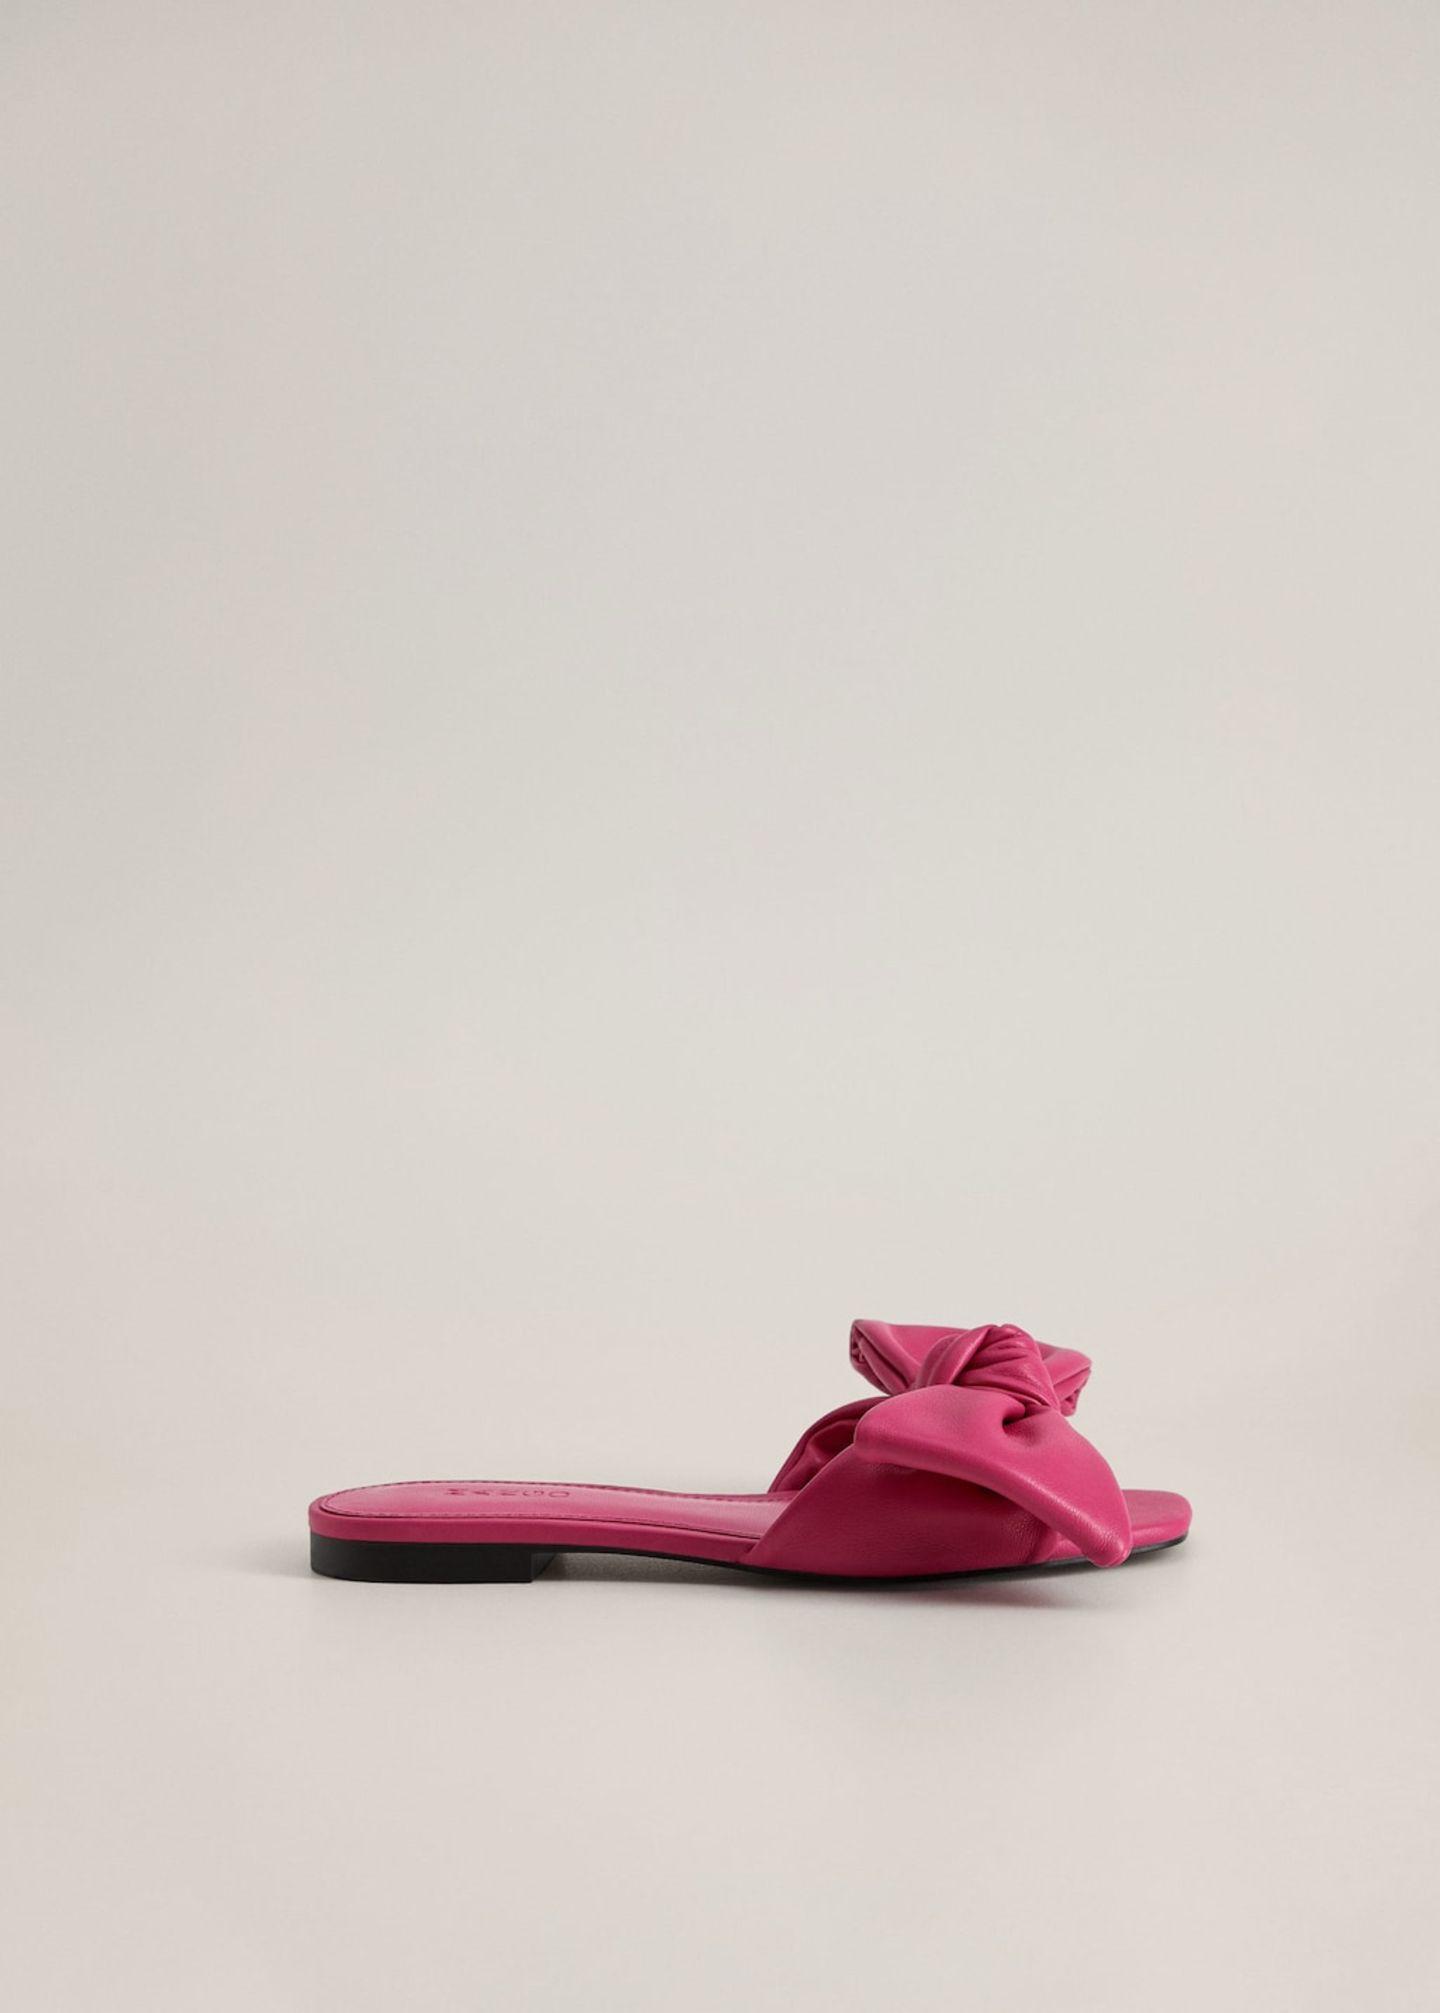 Flasche Sommerschuhe: pinke Sandalen